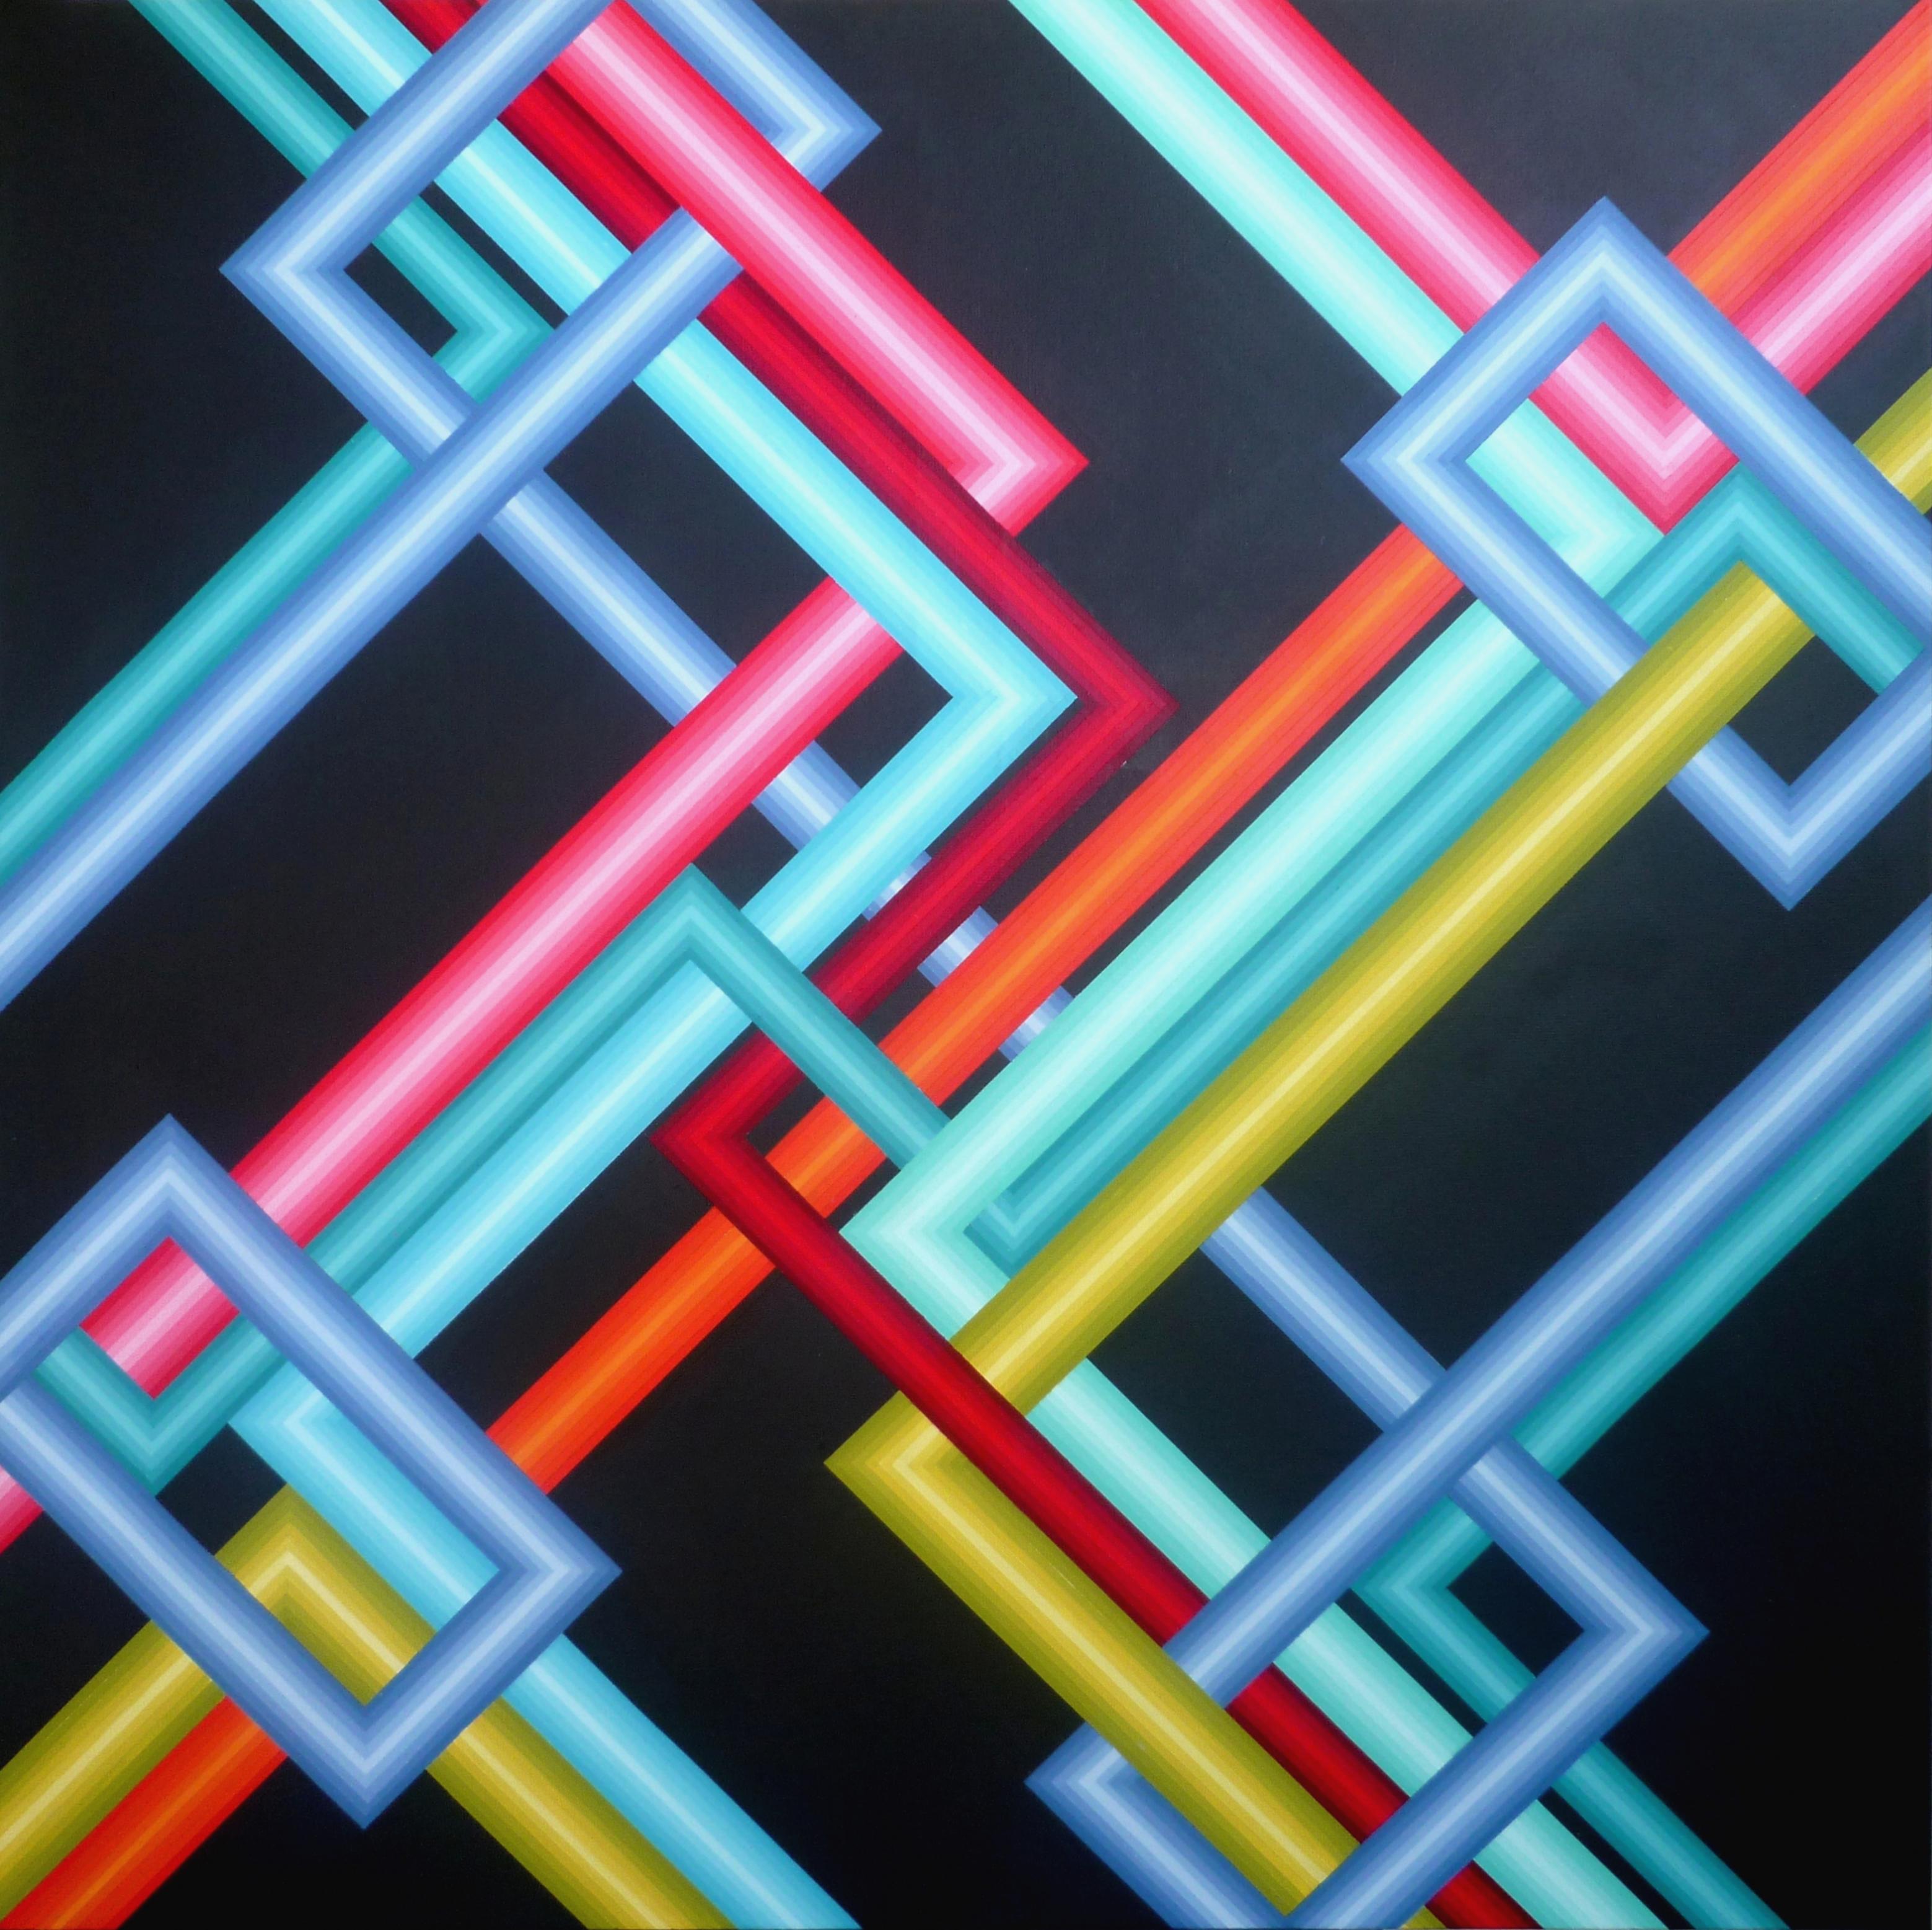 Réseau 3 - Acrylique sur toile 100X100 cm